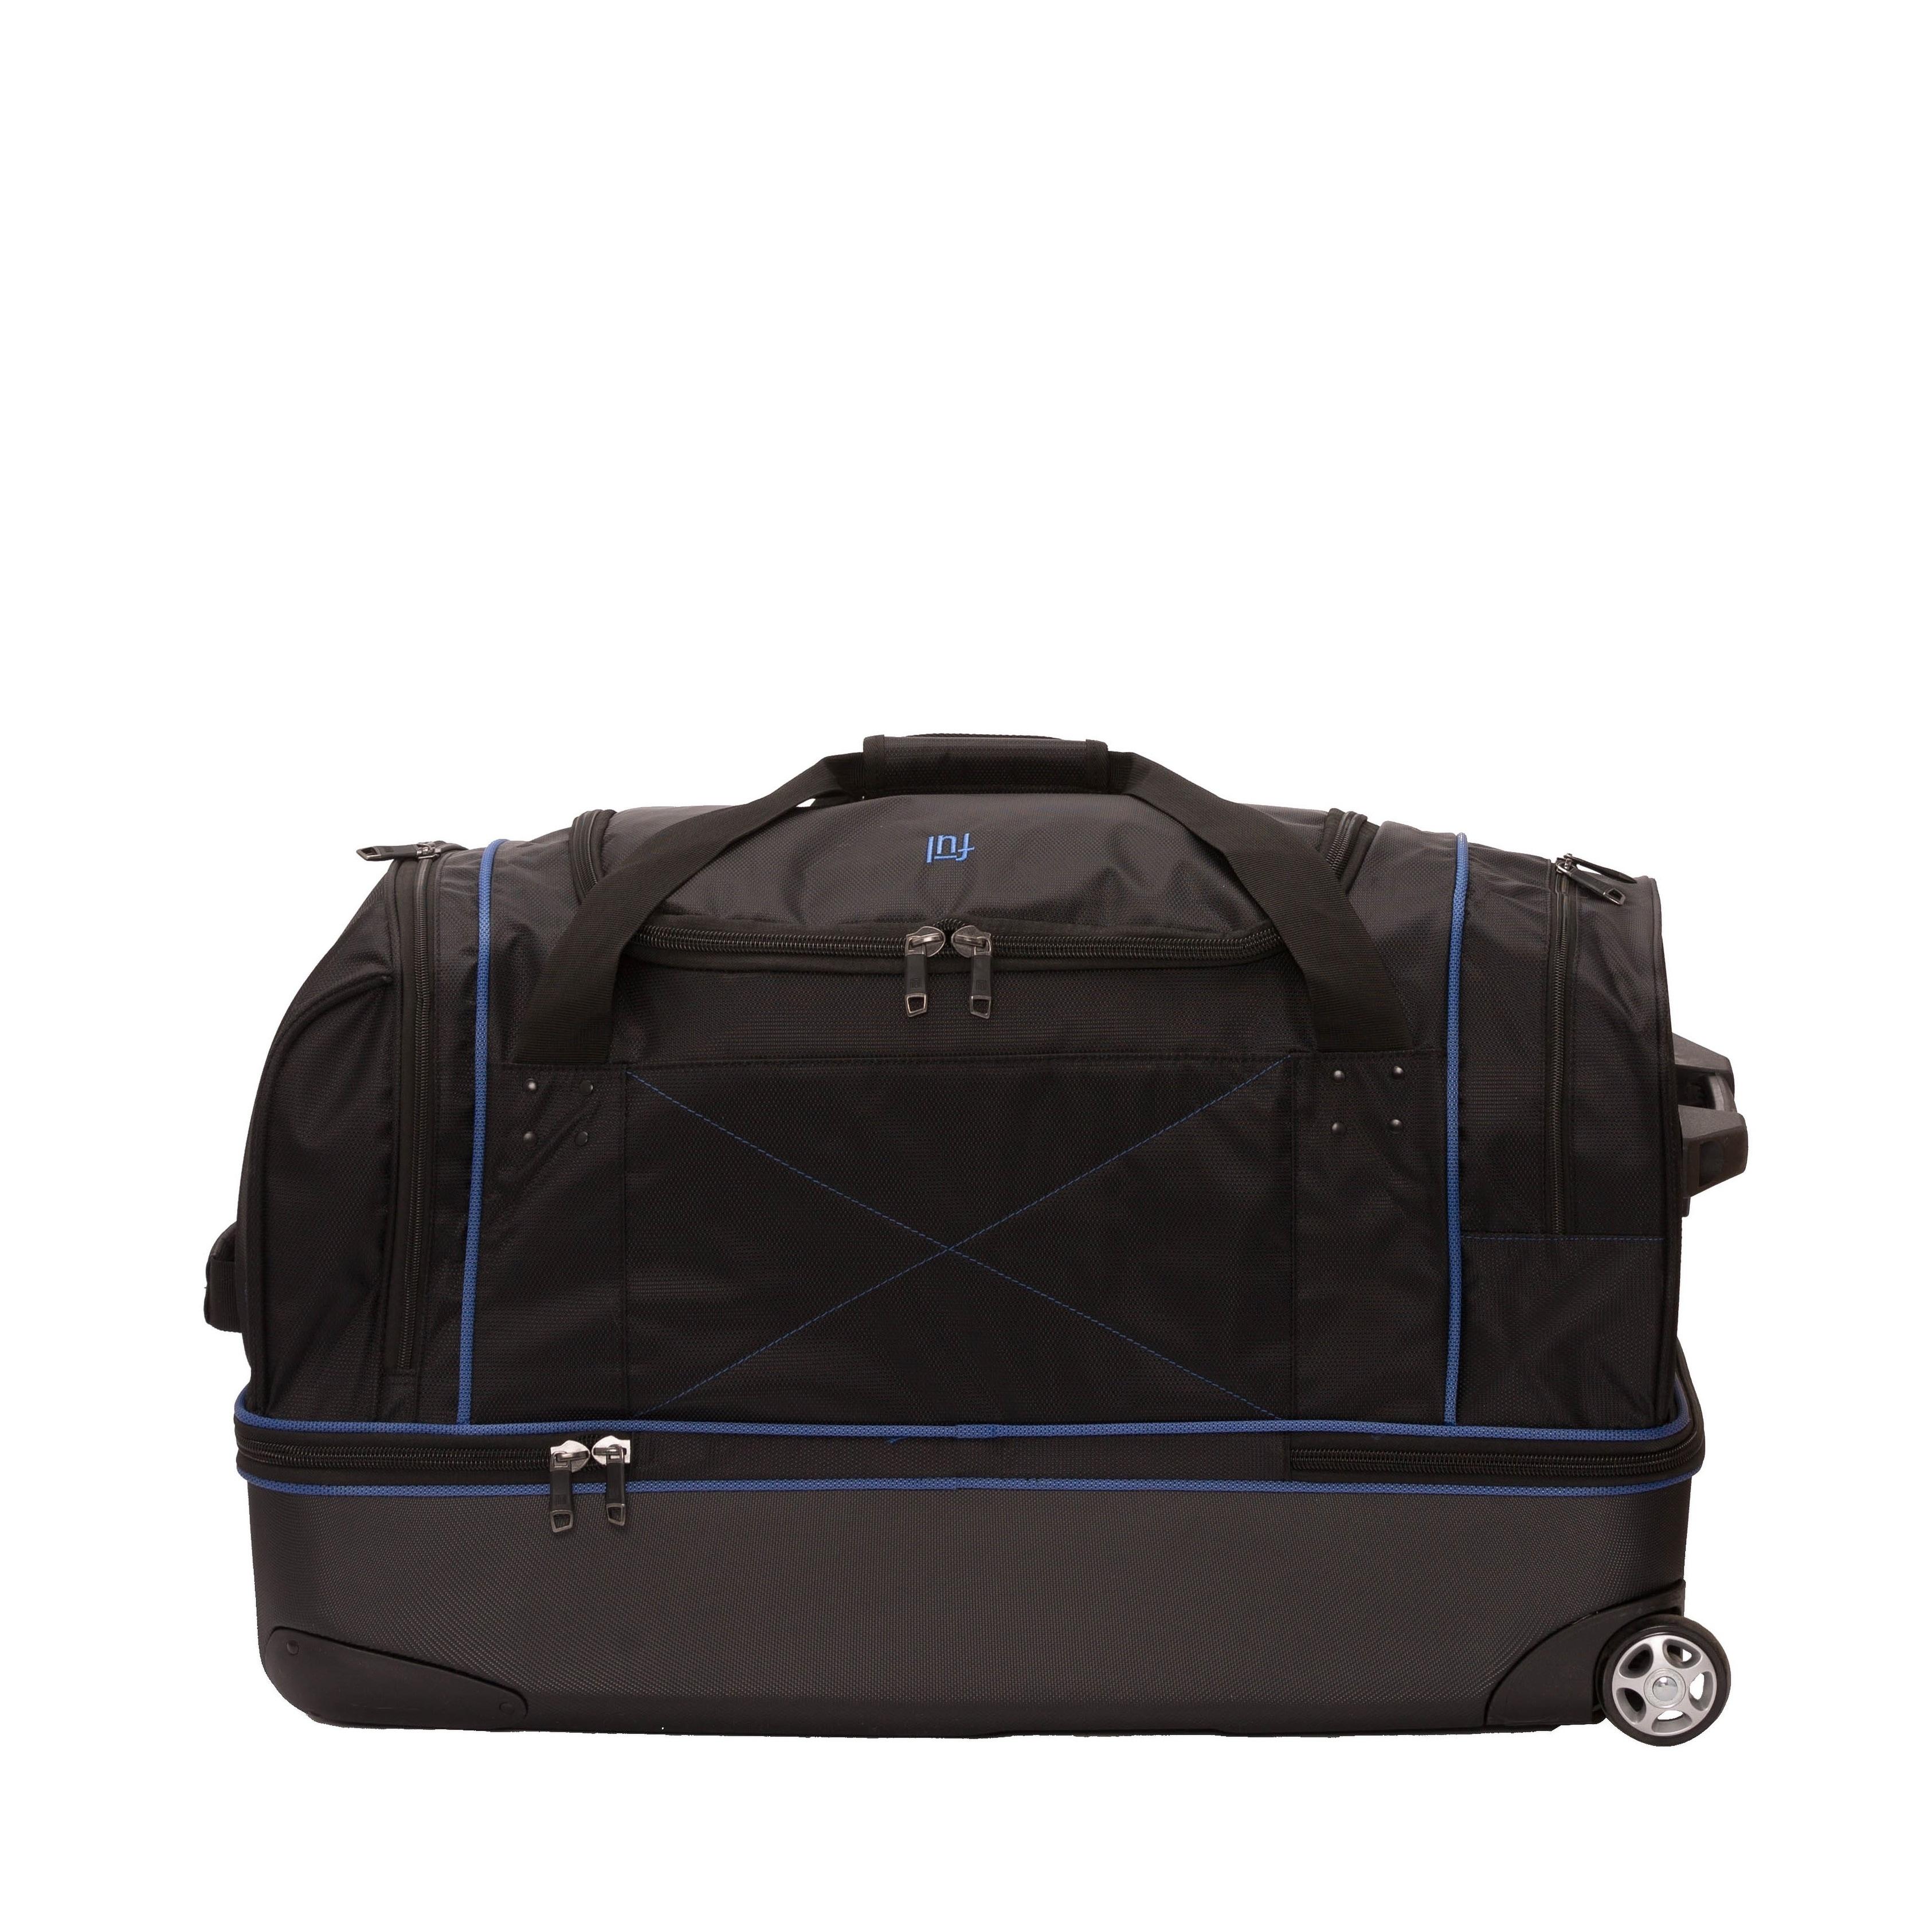 a7ccc6f86057 Shop Ful Workhorse Black  Blue 30-inch Rolling Duffel Bag - Free ...